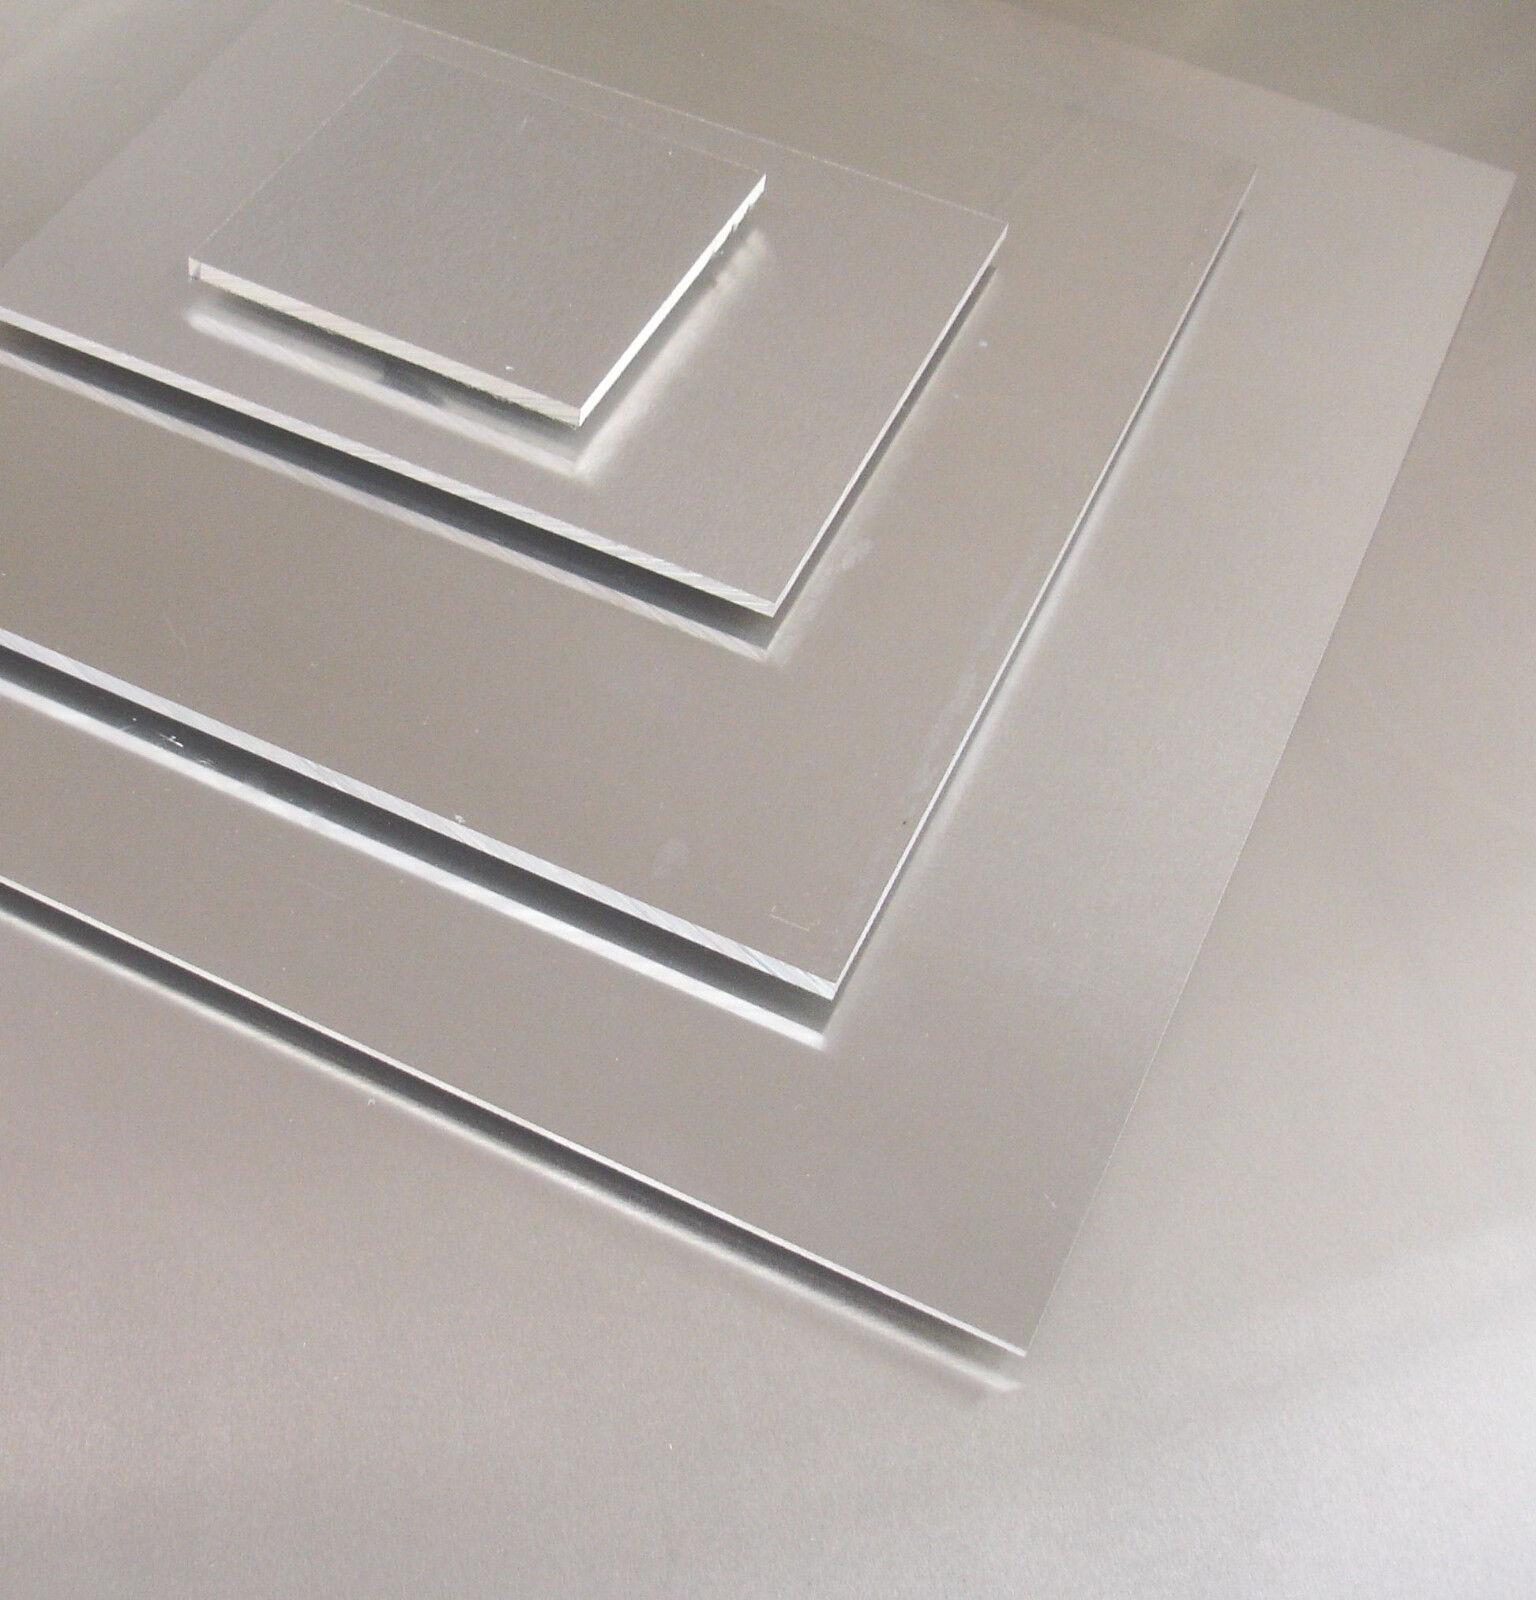 aluminium blech platte almg3 zuschnitt streifen alublech. Black Bedroom Furniture Sets. Home Design Ideas